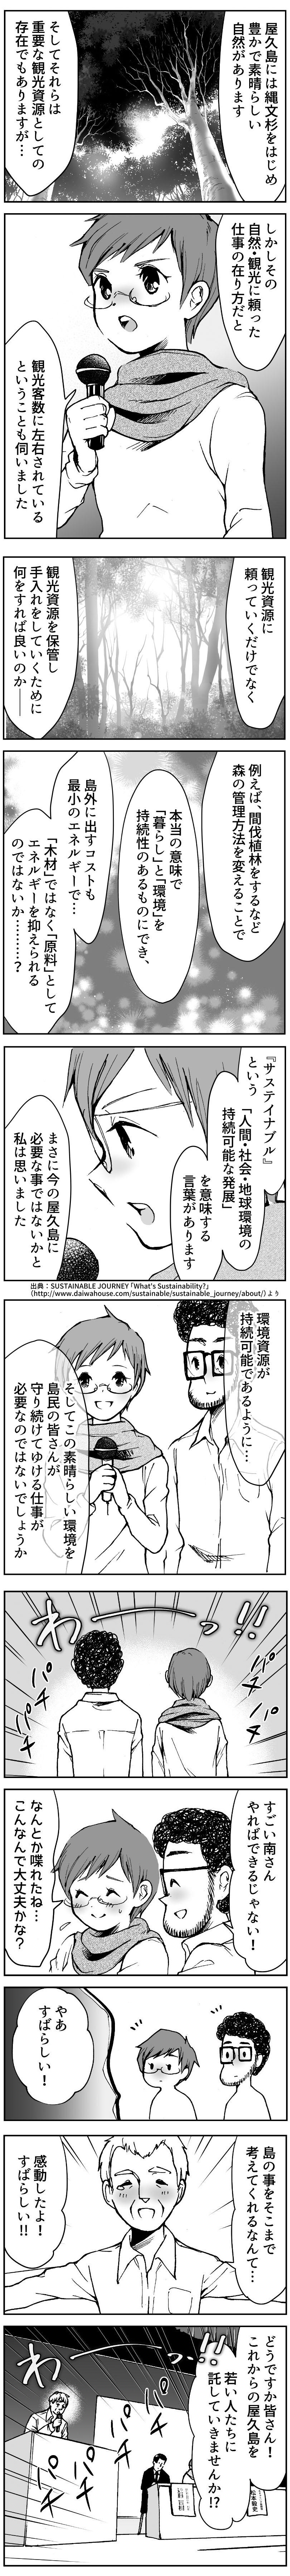 85-02-2.jpg